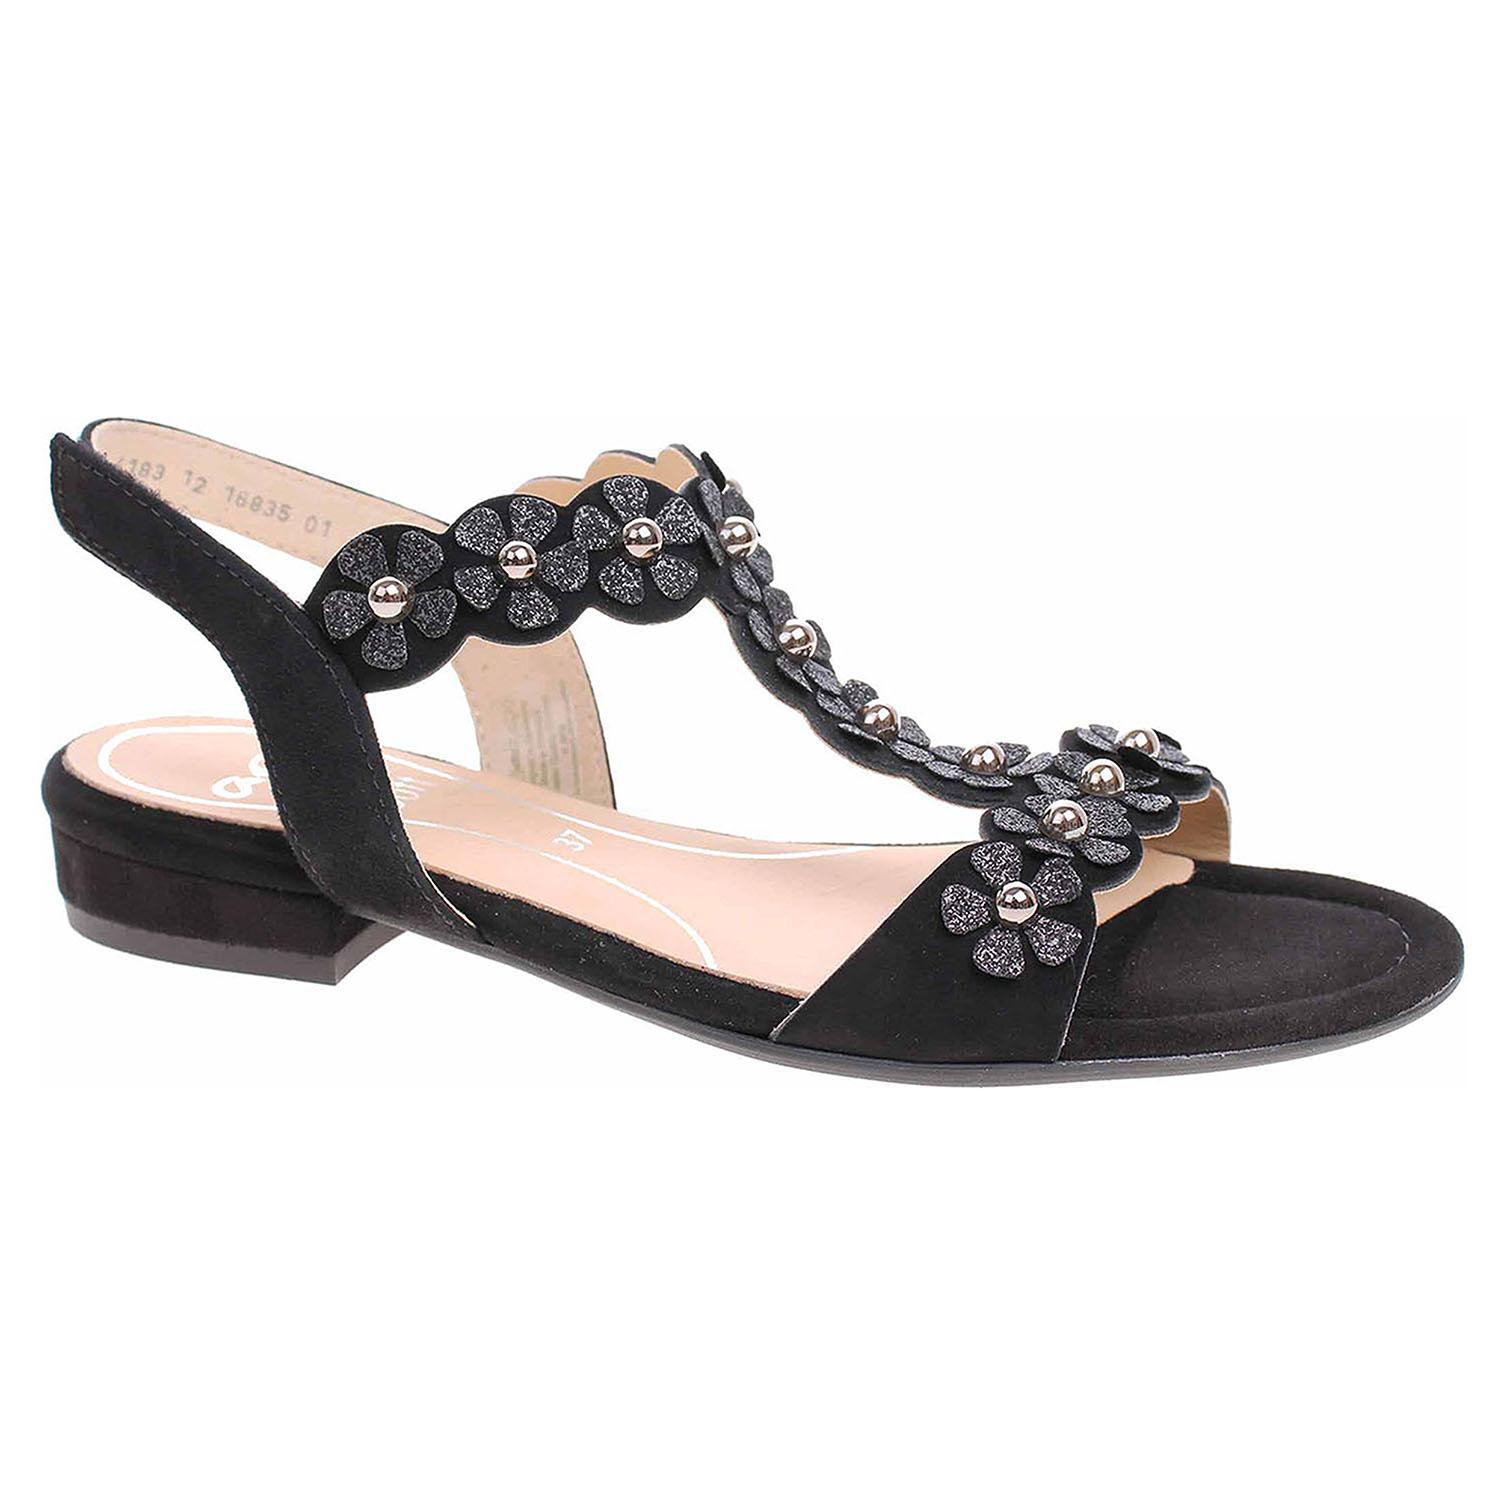 16835-01 schwarz módní dámské sandály, s.zip, kytičky